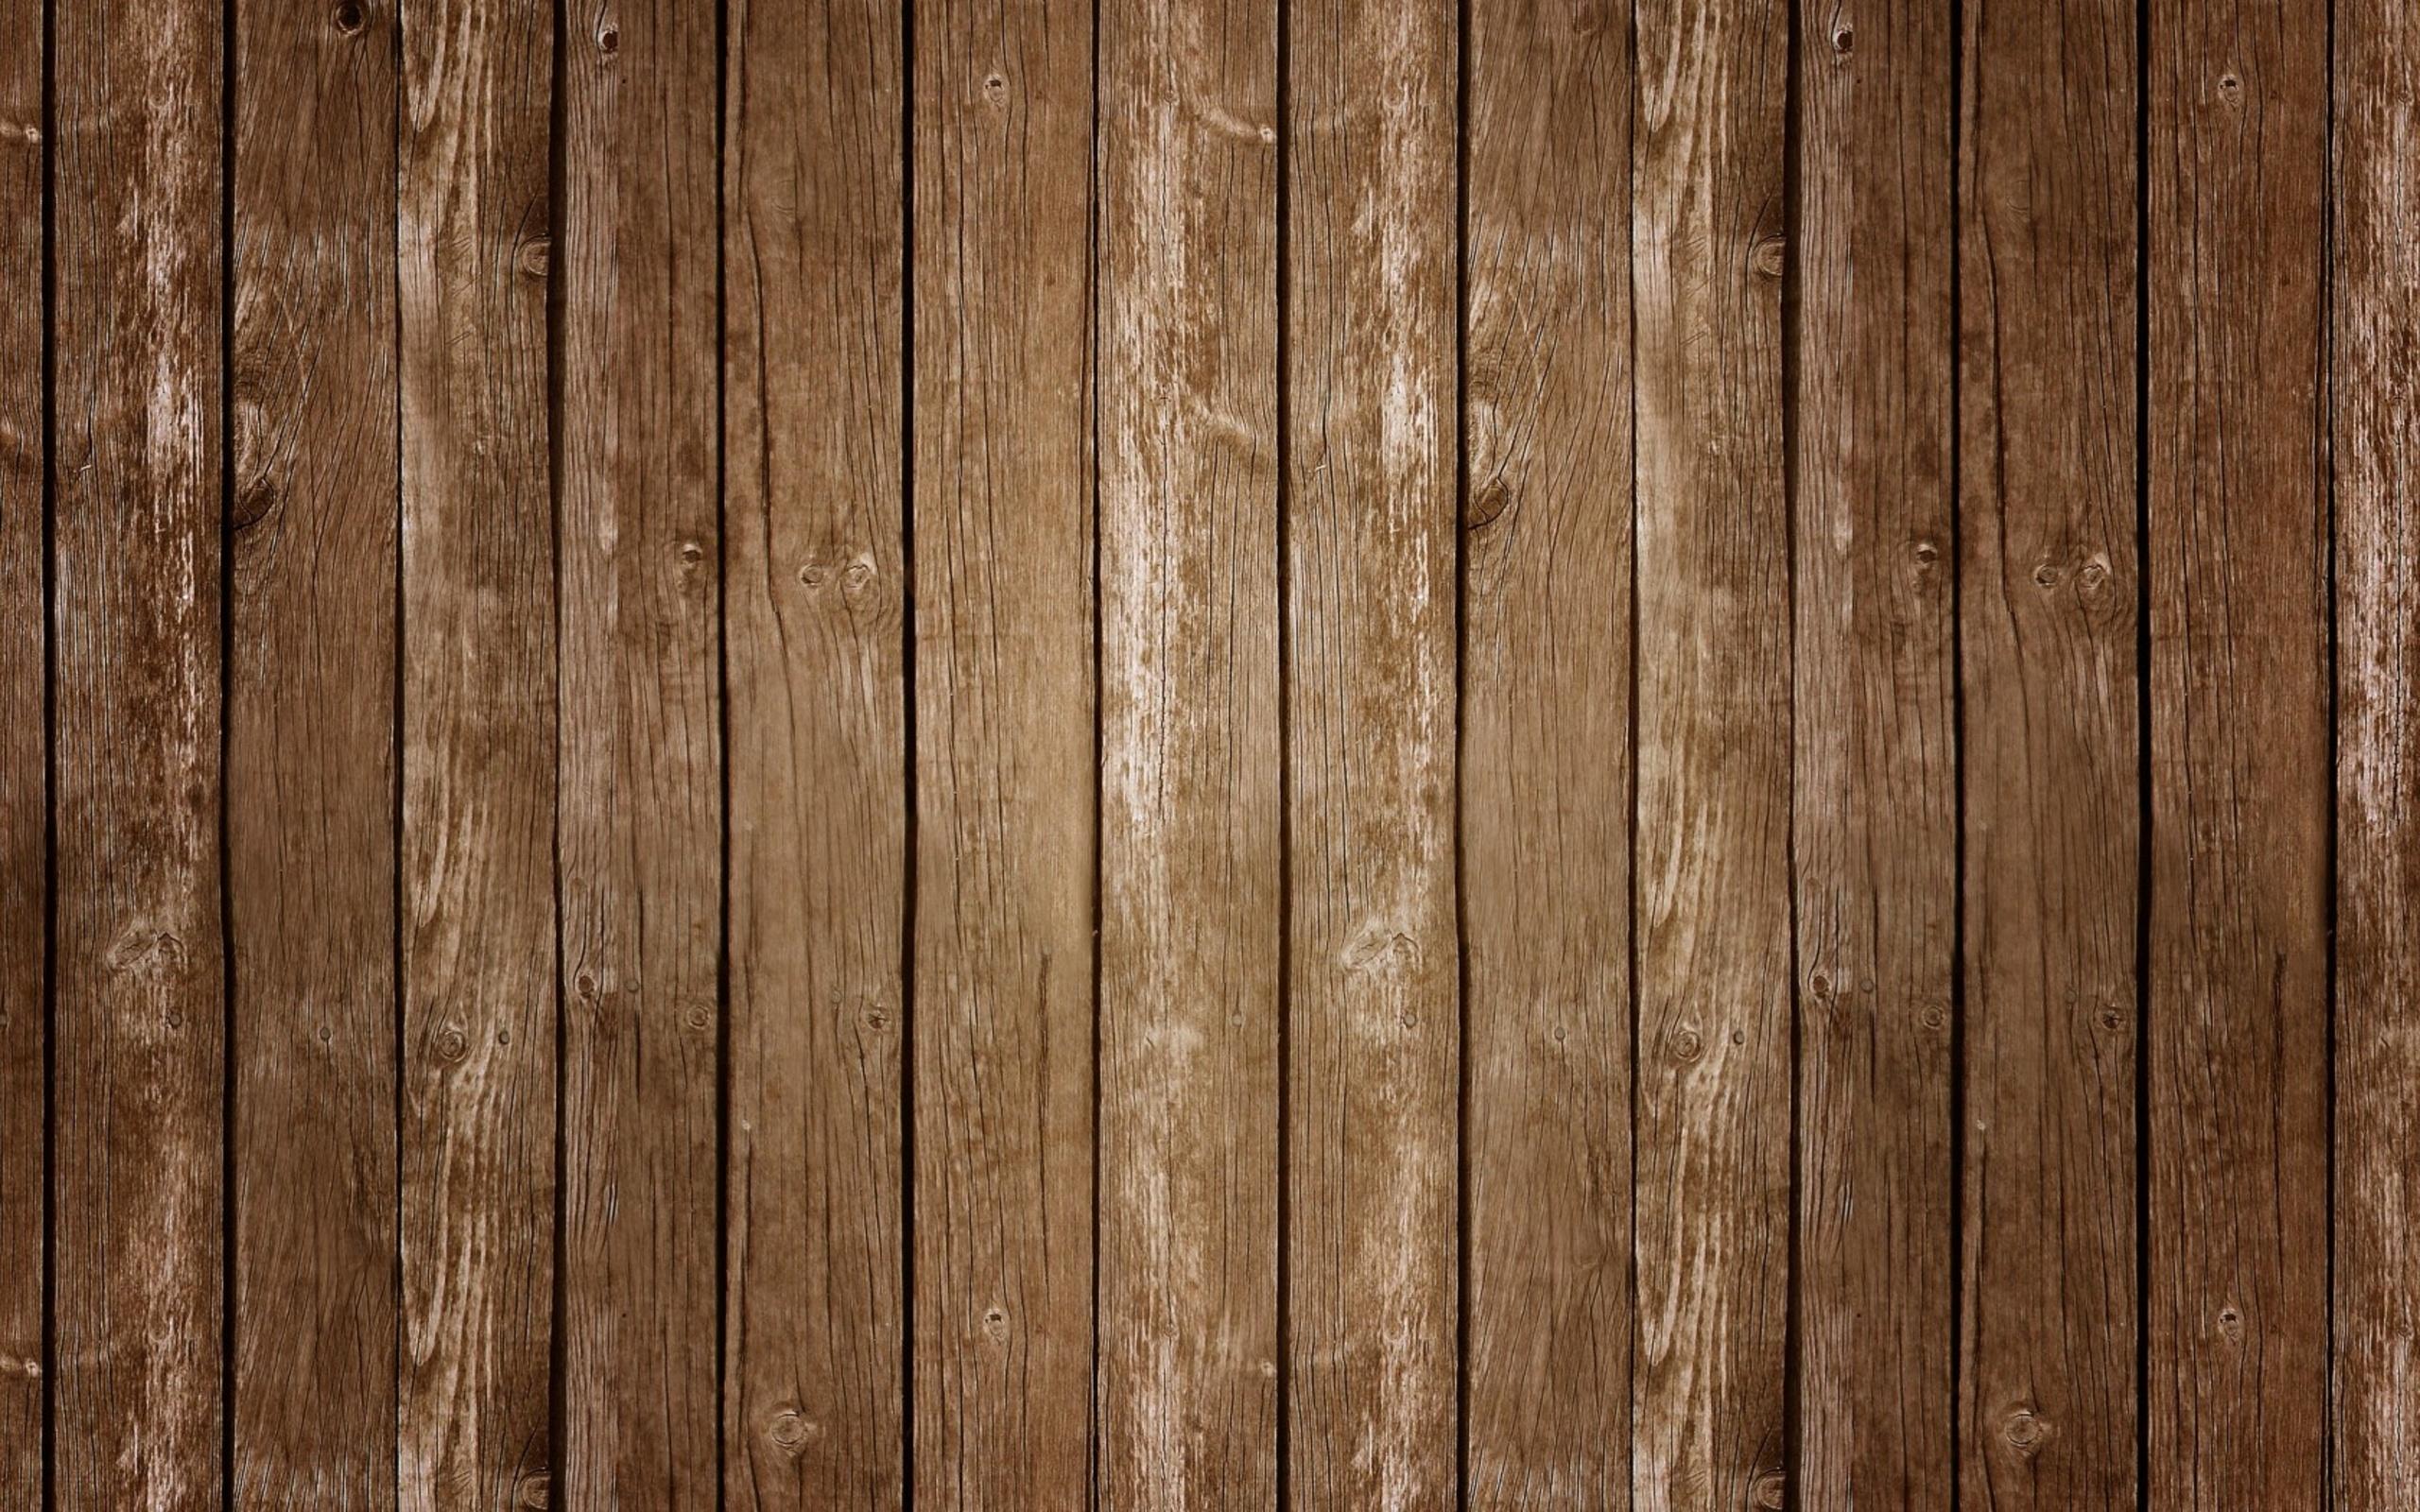 بالصور خلفيات خشب , احدث اشكال الخلفيات الخشبية 5126